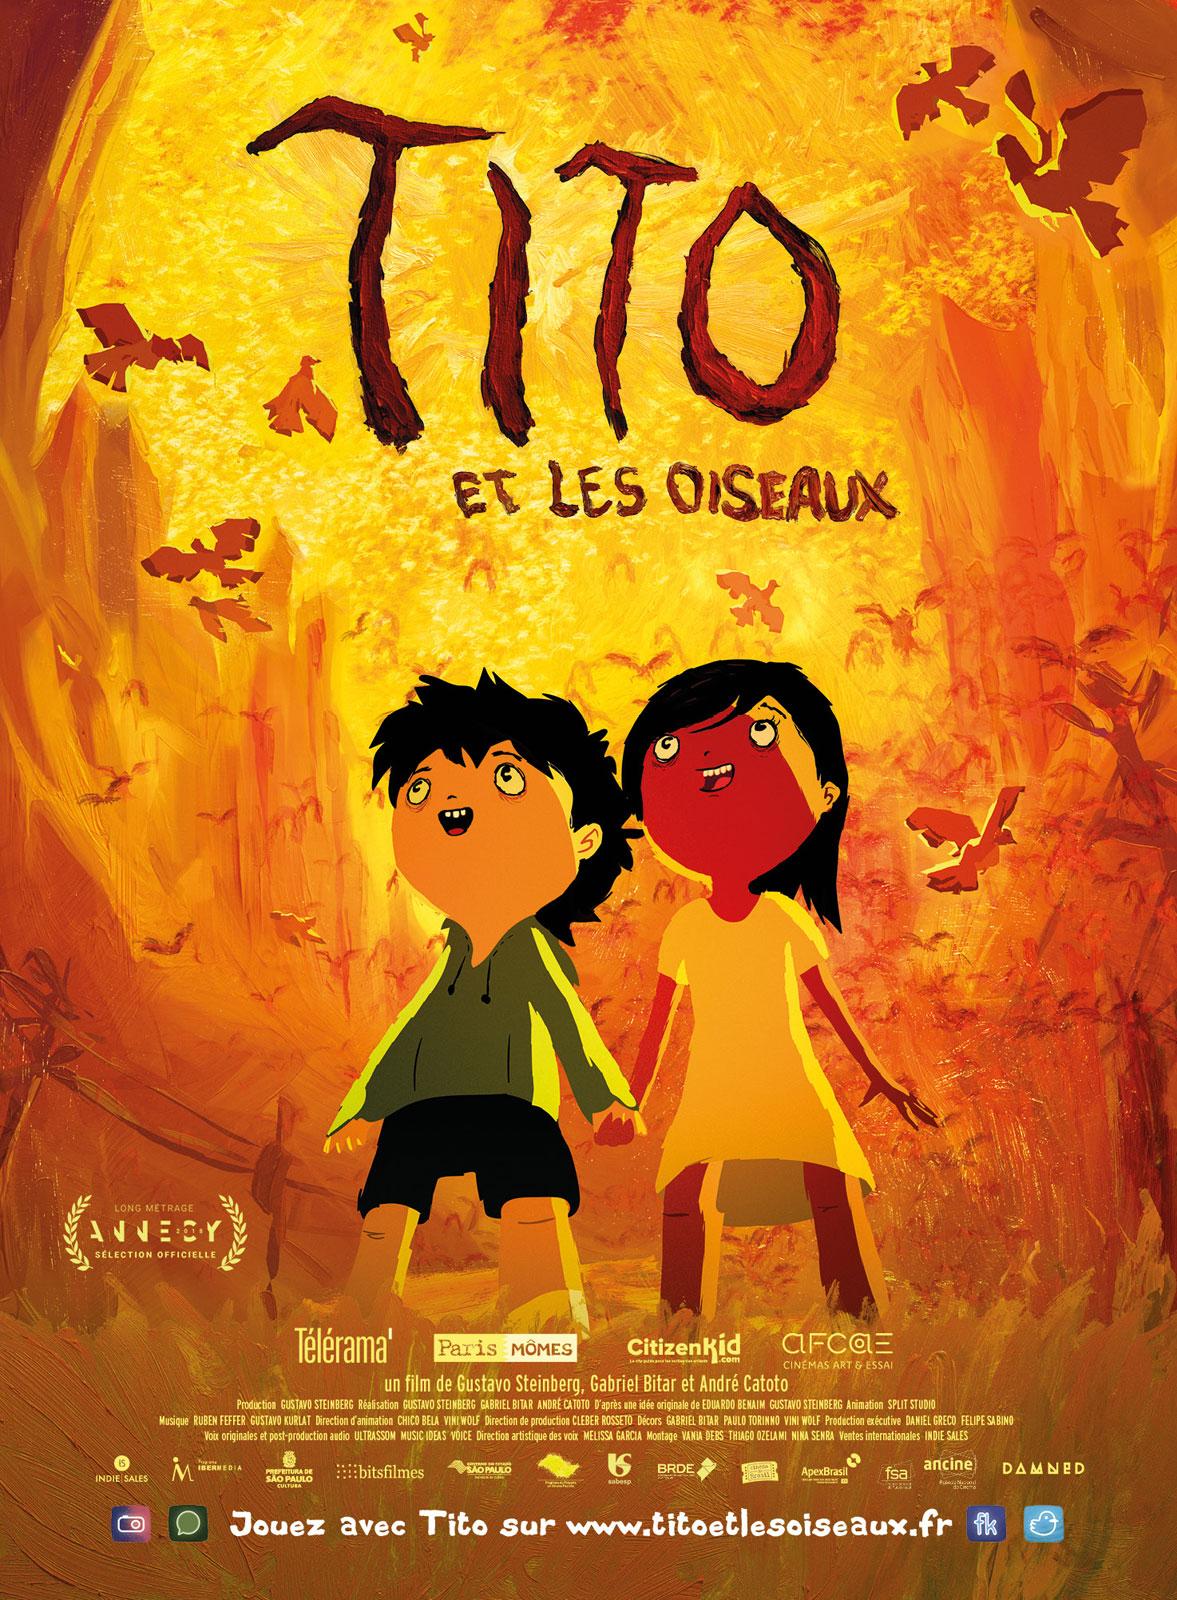 CINÉ JEUNESSE : PROJECTION DU FILM D'ANIMATION « TITO ET LES OISEAUX » DE GUSTAVO STEINBERG